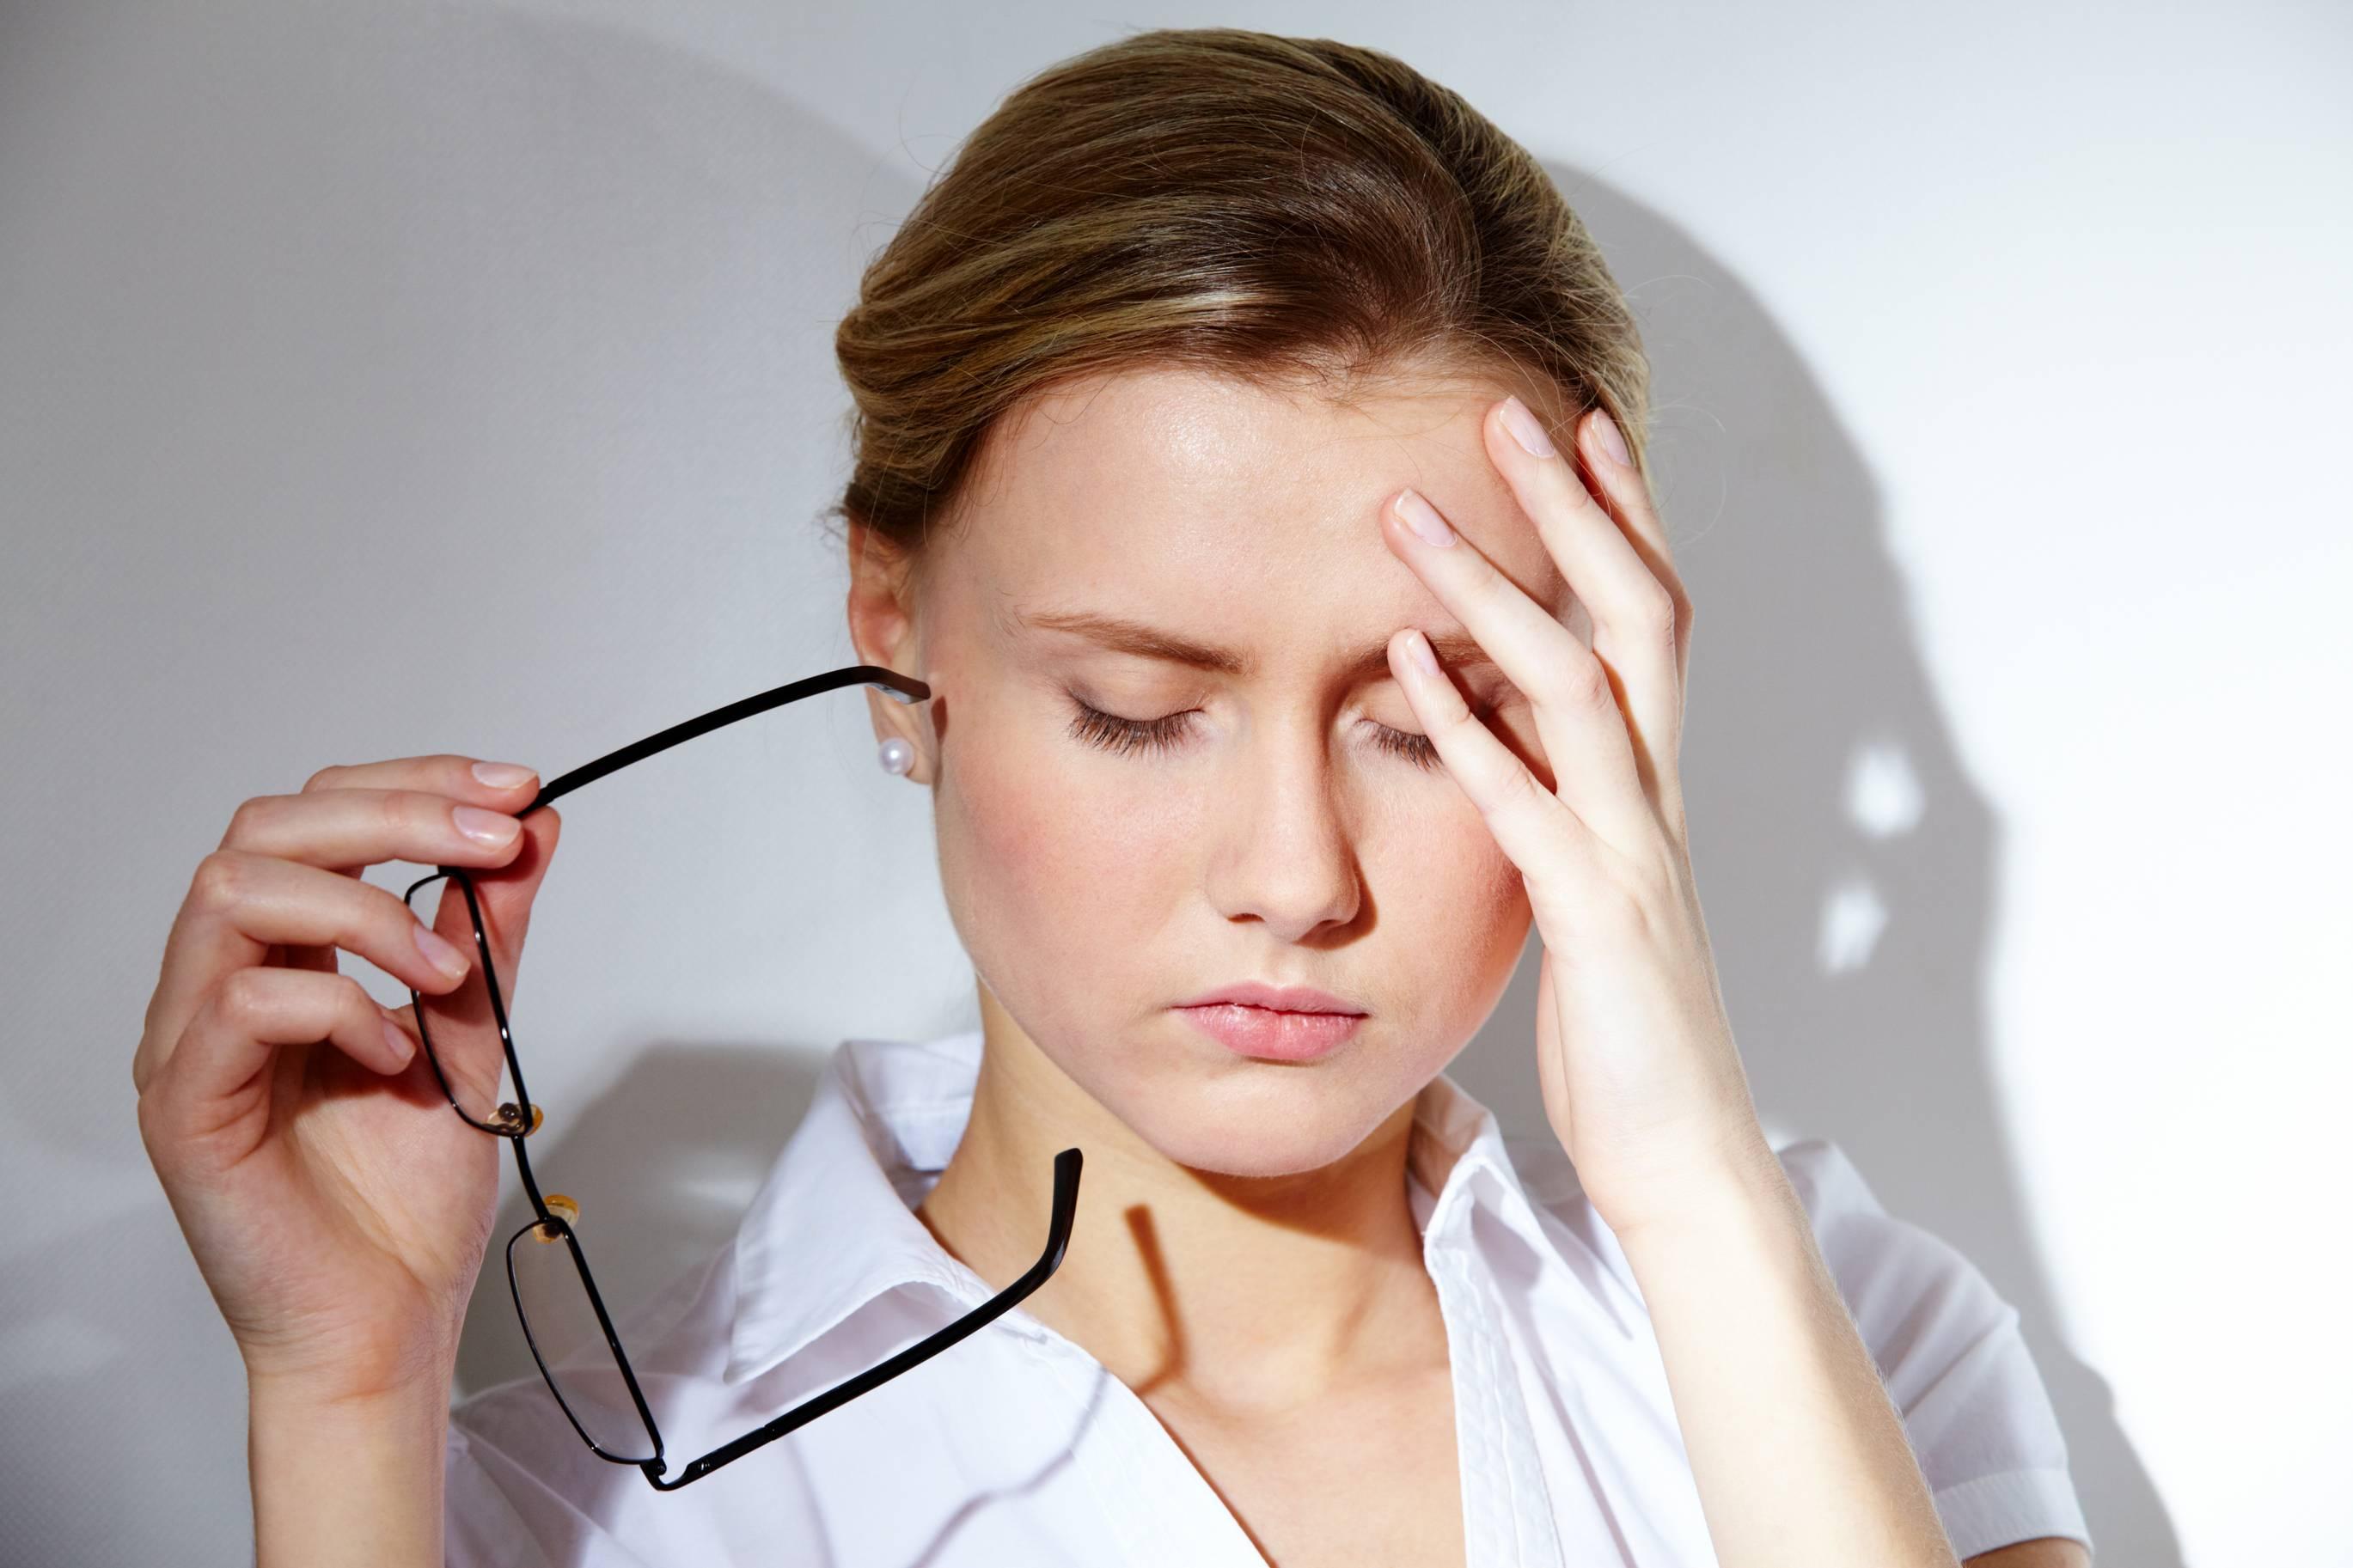 از بین بردن استرس با این 5 روش